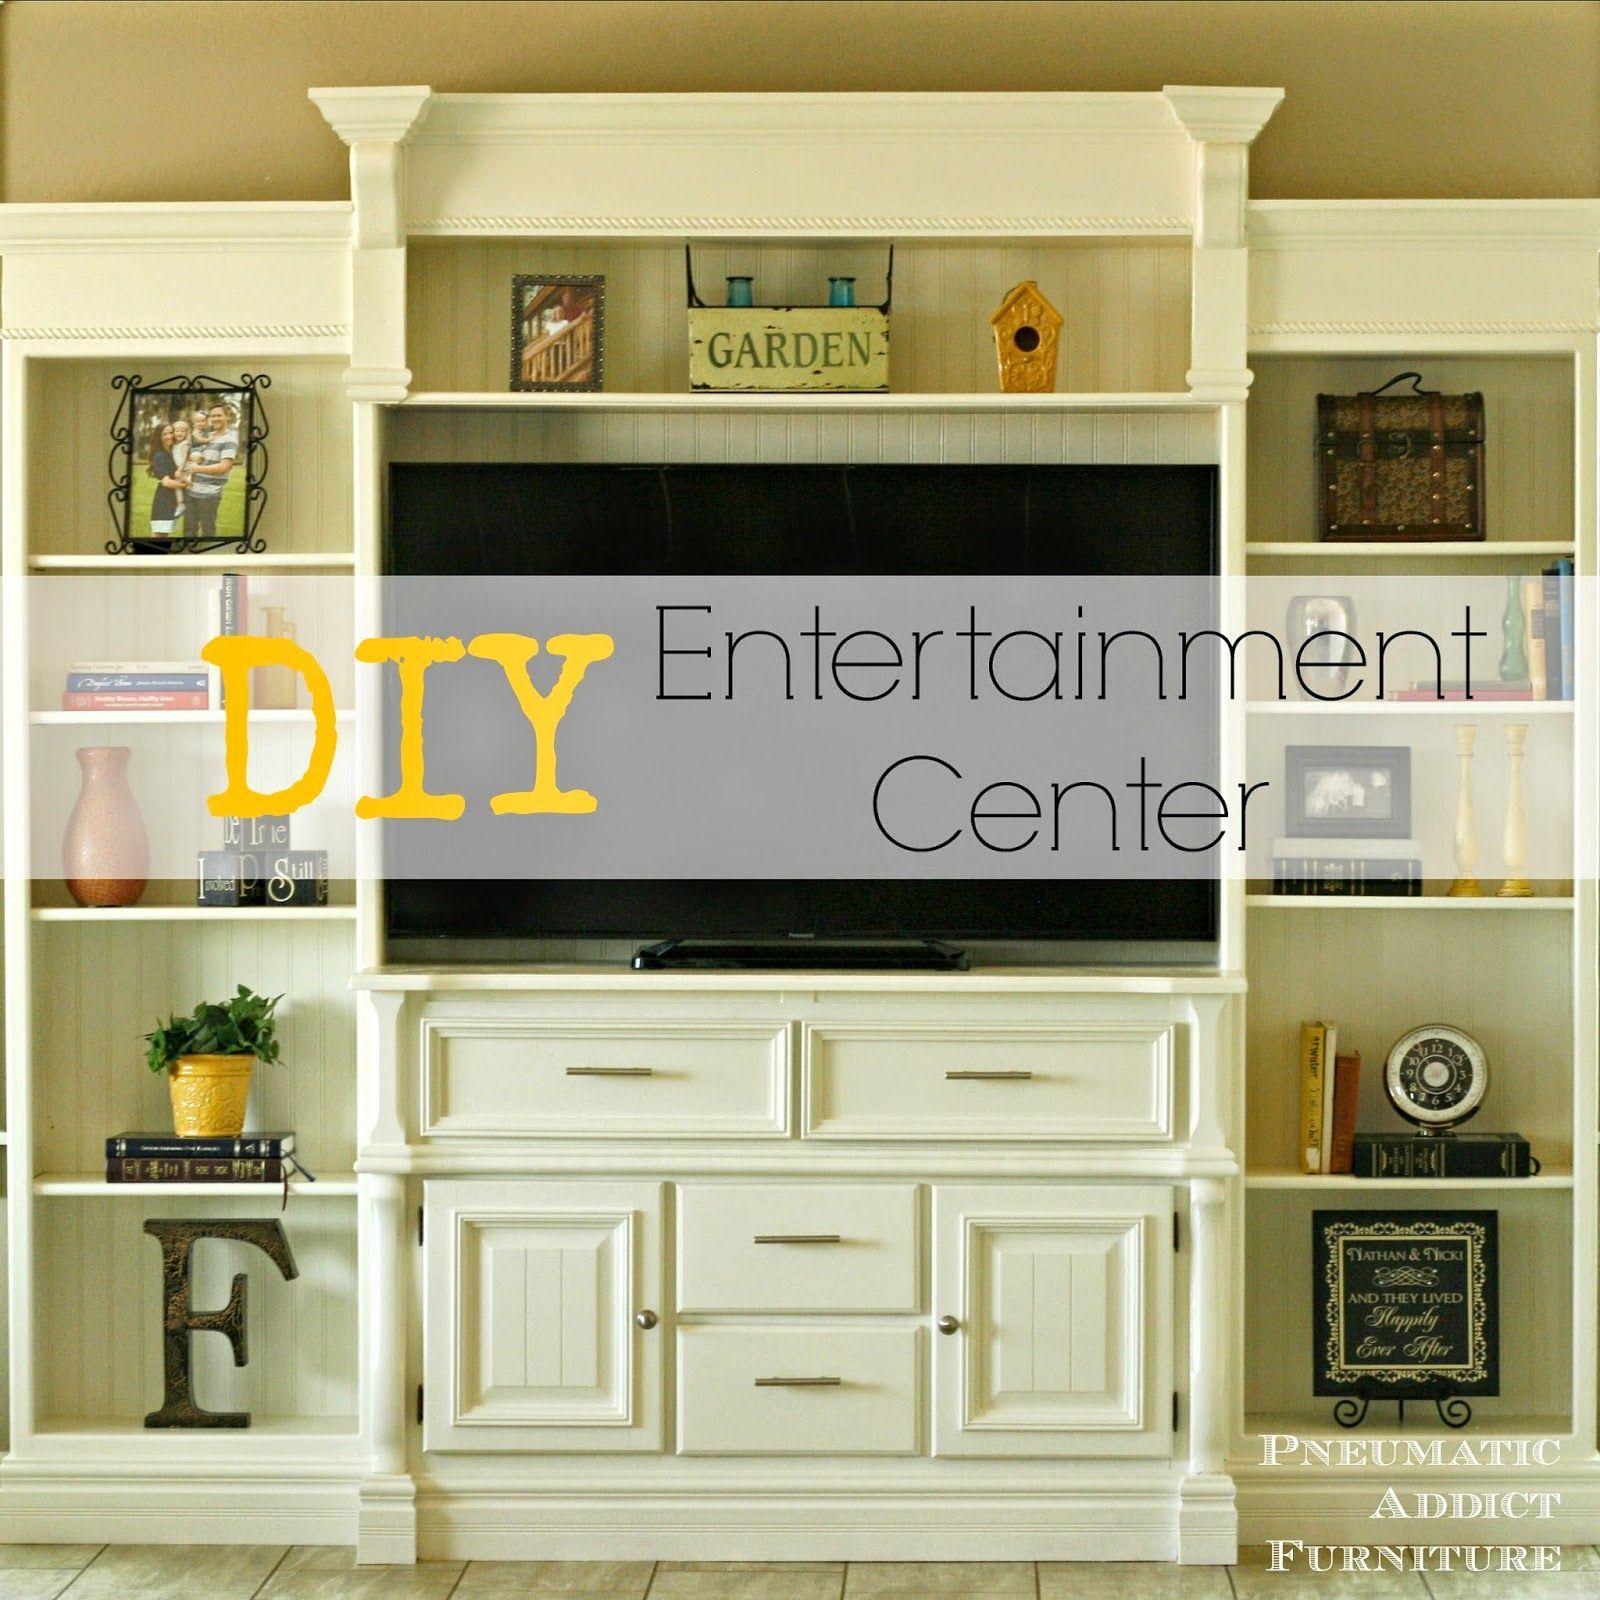 Pneumatic Addict Furniture DIY Entertainment Center